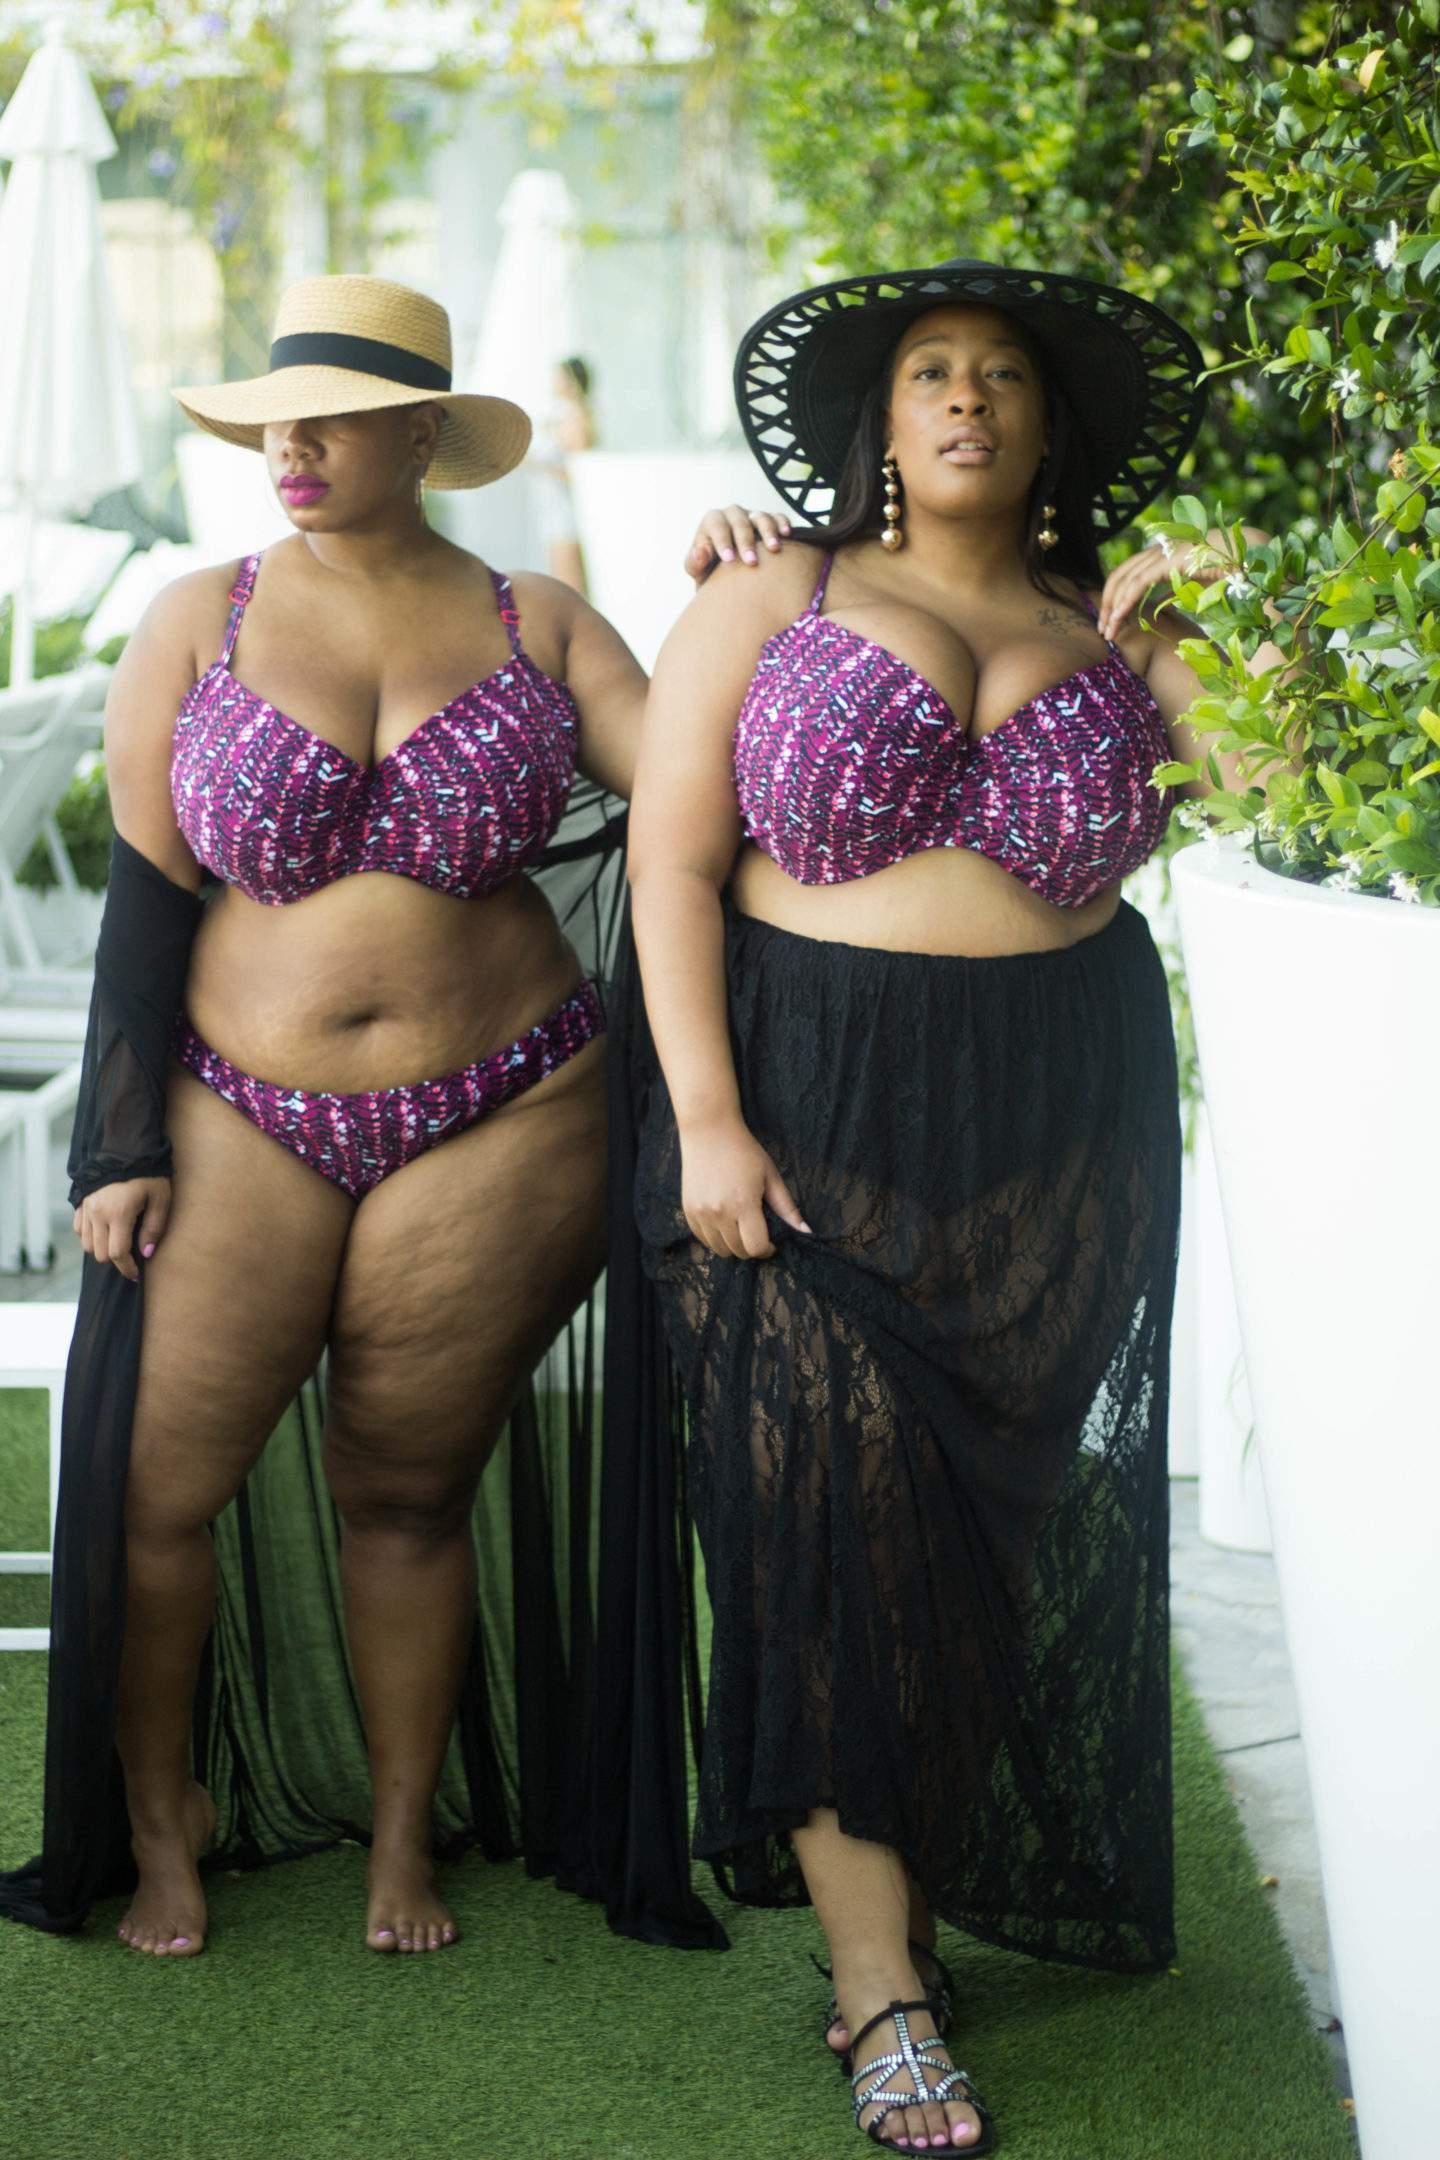 Plus Size Bikinis up to Size 44G do Exist Thanks to Curvy Kate!